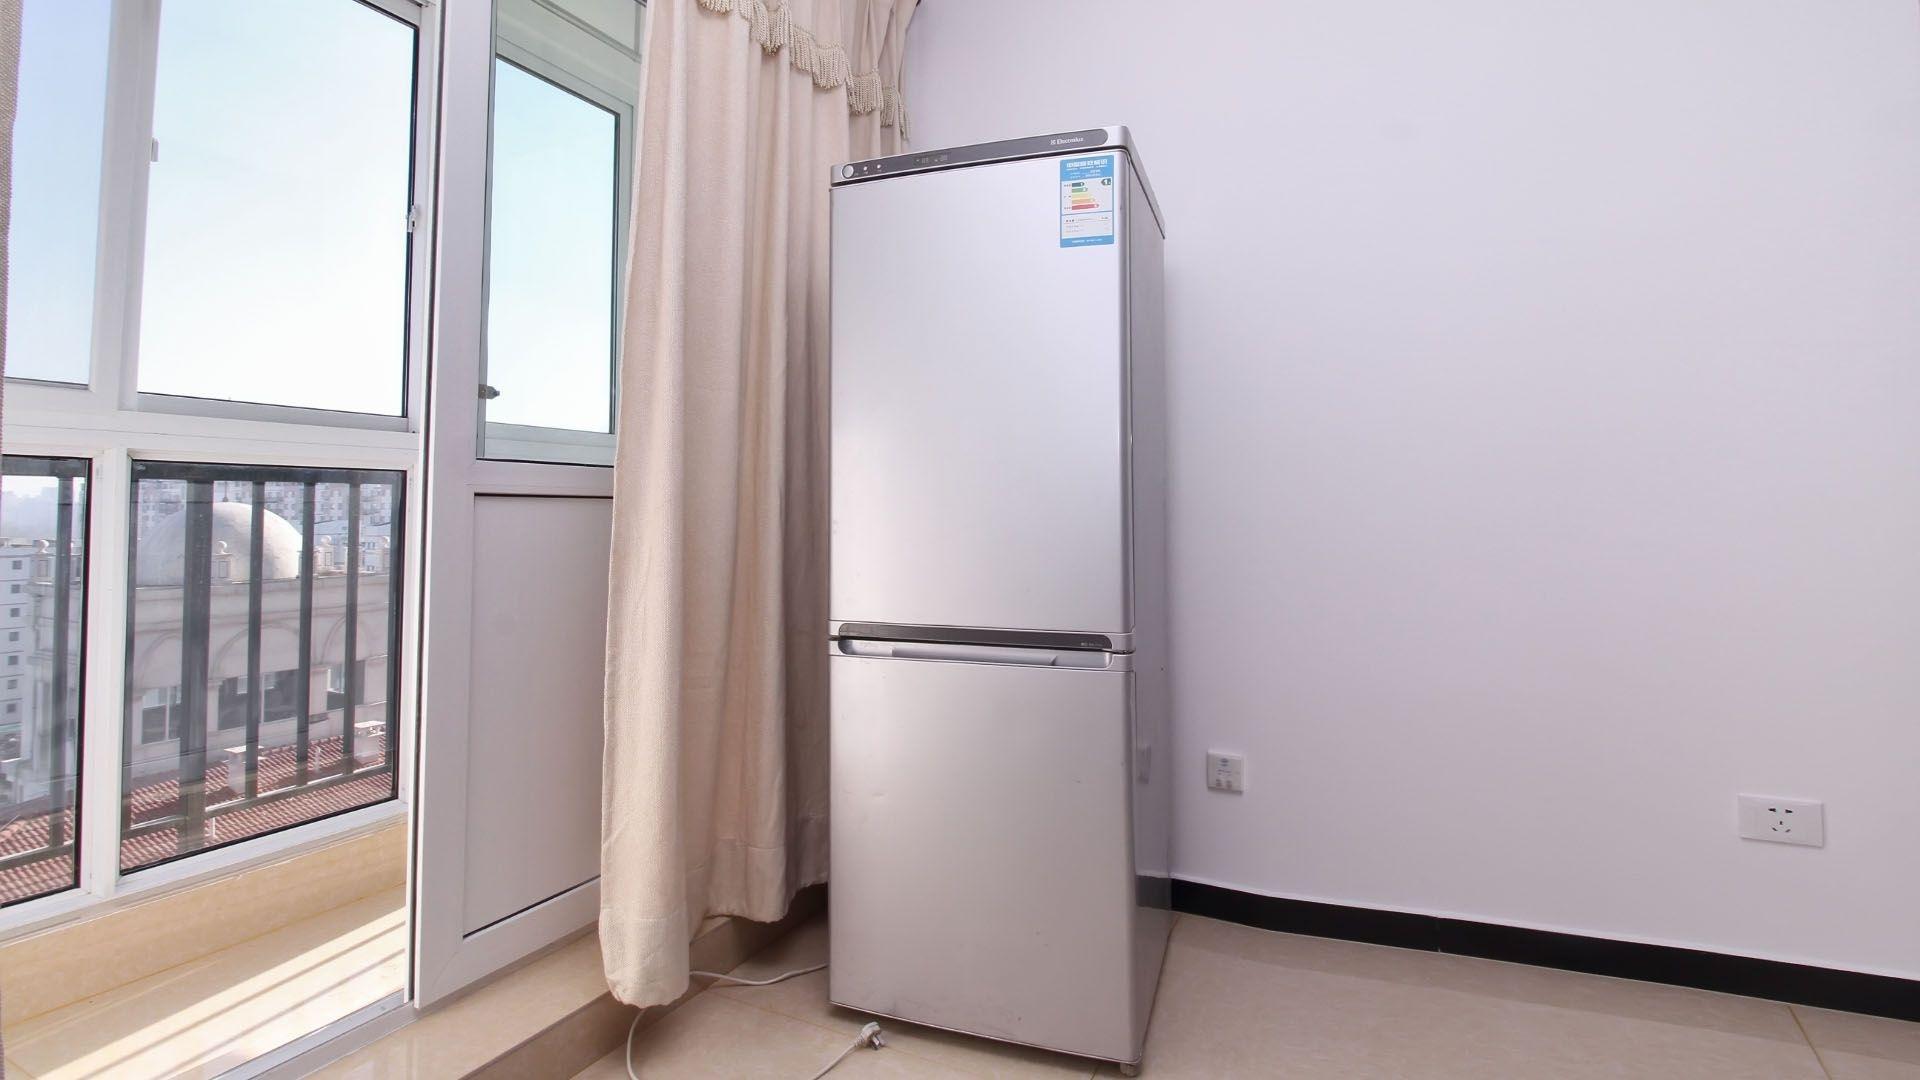 冰箱壓縮機噪音大怎么辦—冰箱壓縮機噪音大怎么處理